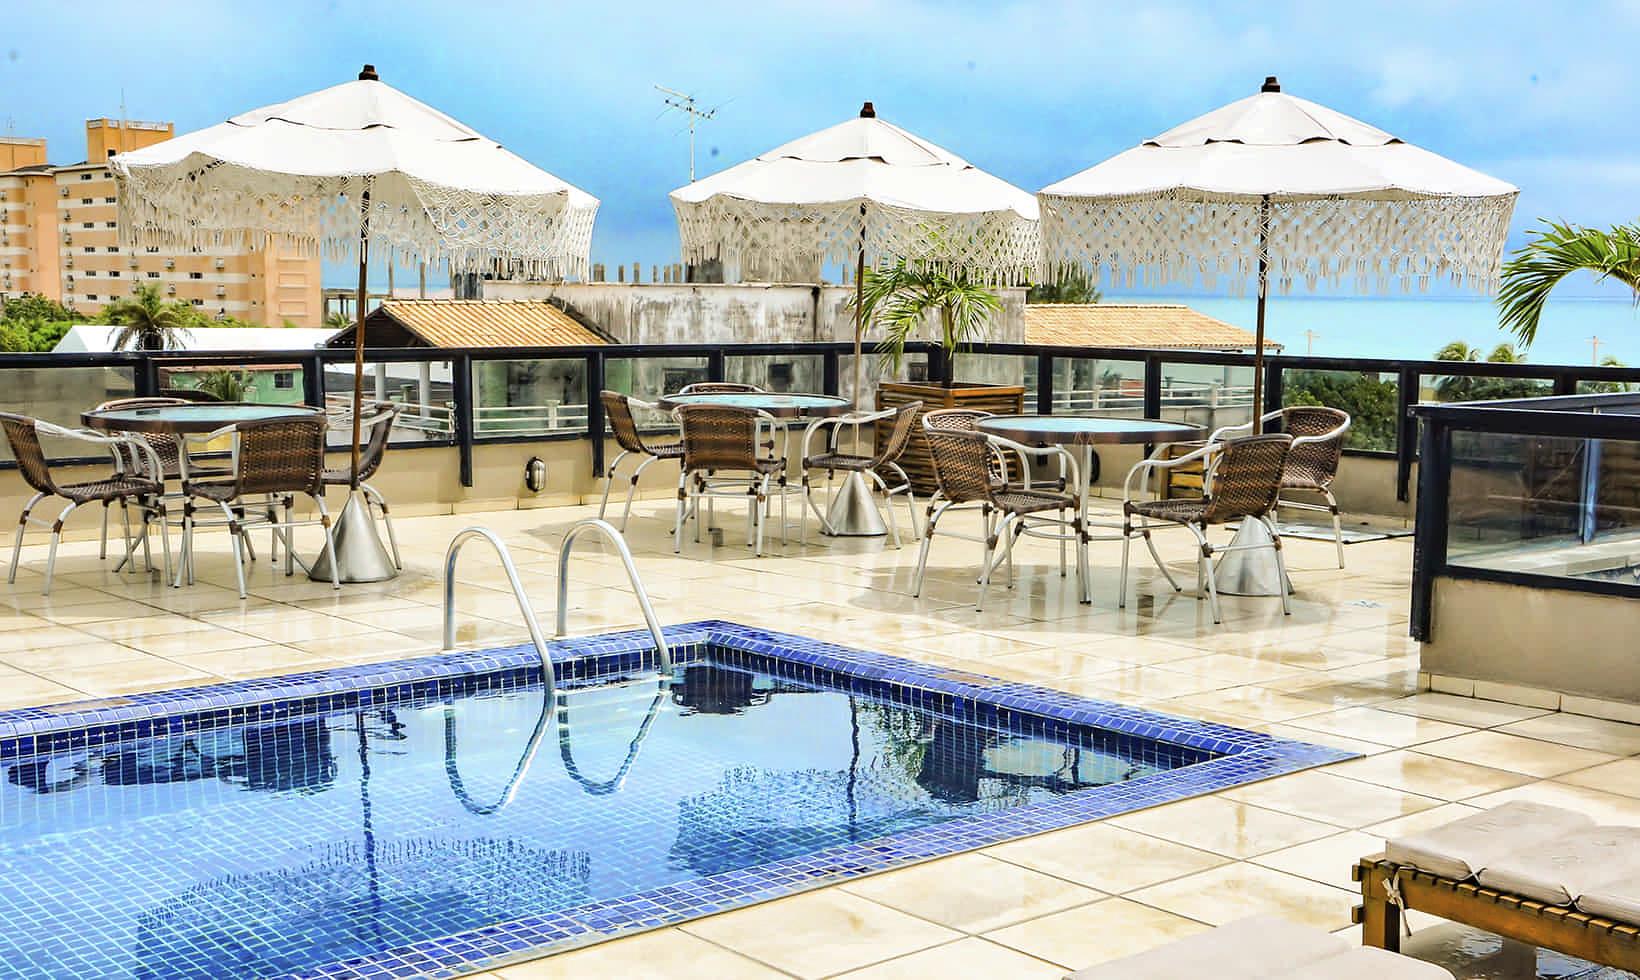 Área de lazer com piscina na cobertura do hotel